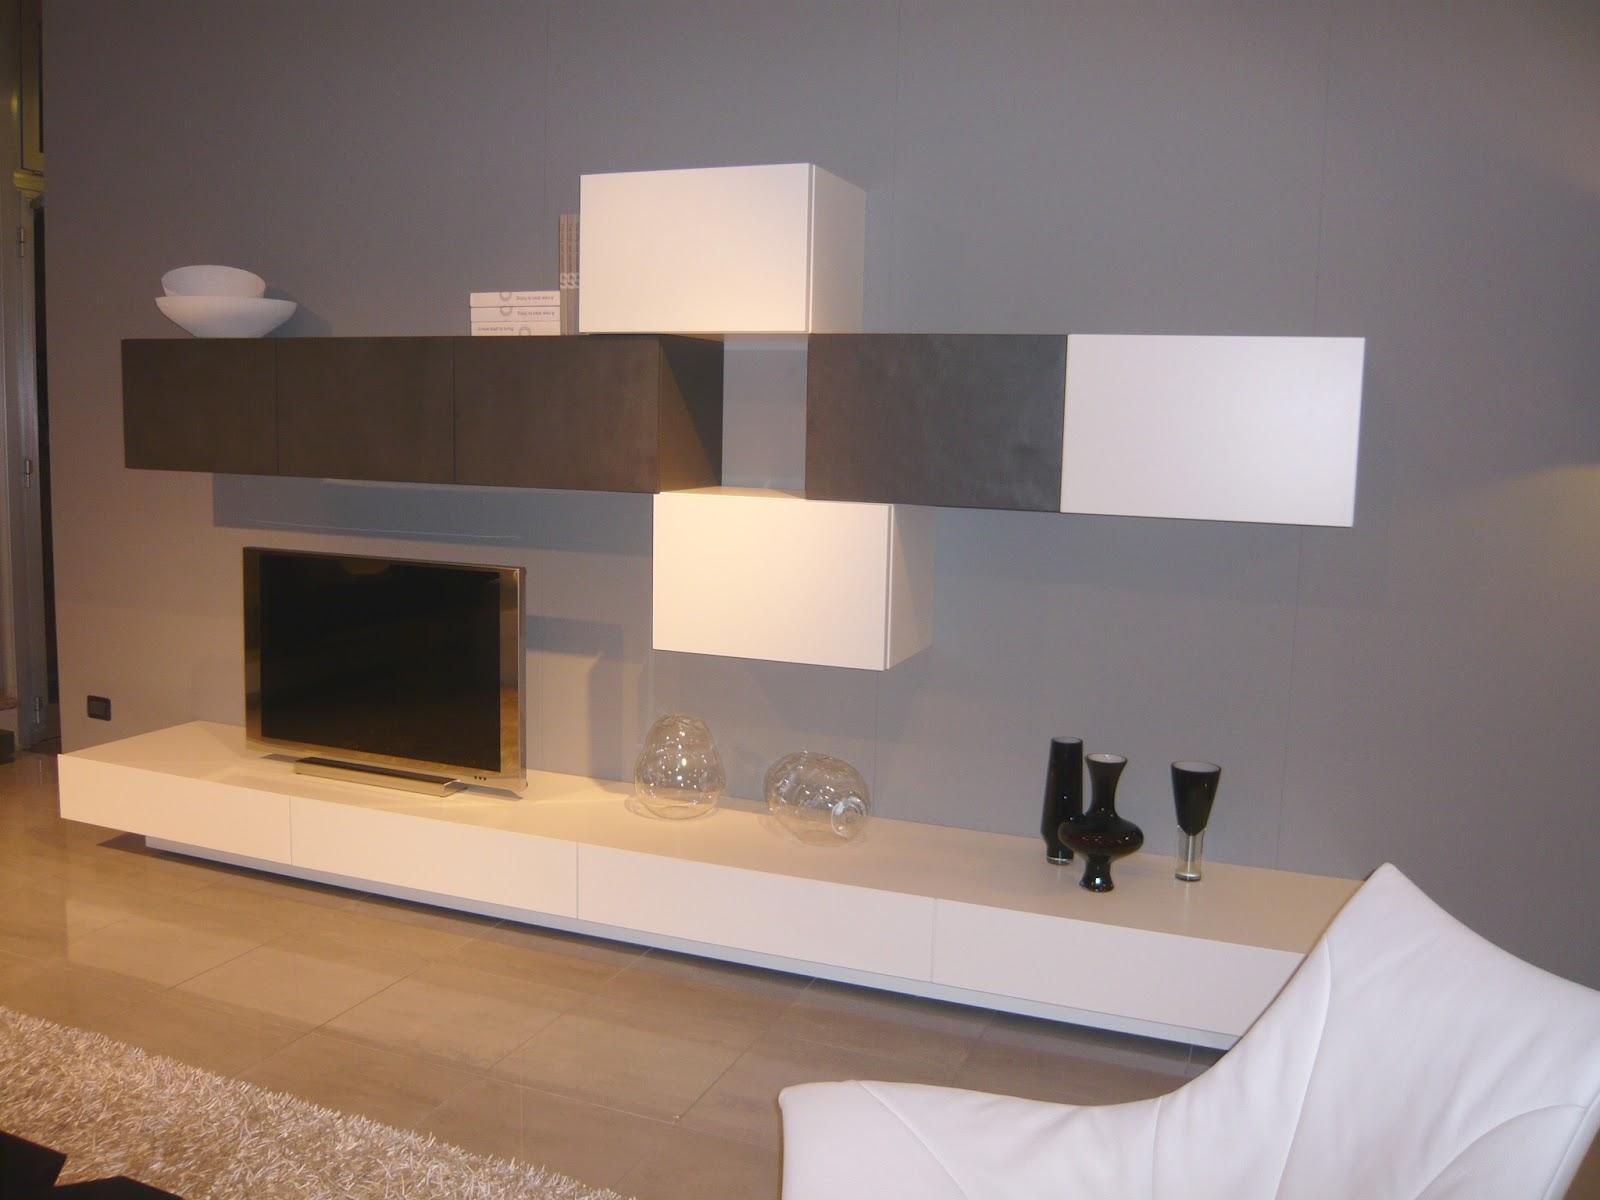 Mobile Soggiorno Bianco Classico : Mobile Soggiorno Bianco Classico  #A0652B 1600 1200 Mobili Sala Da Pranzo Moderni